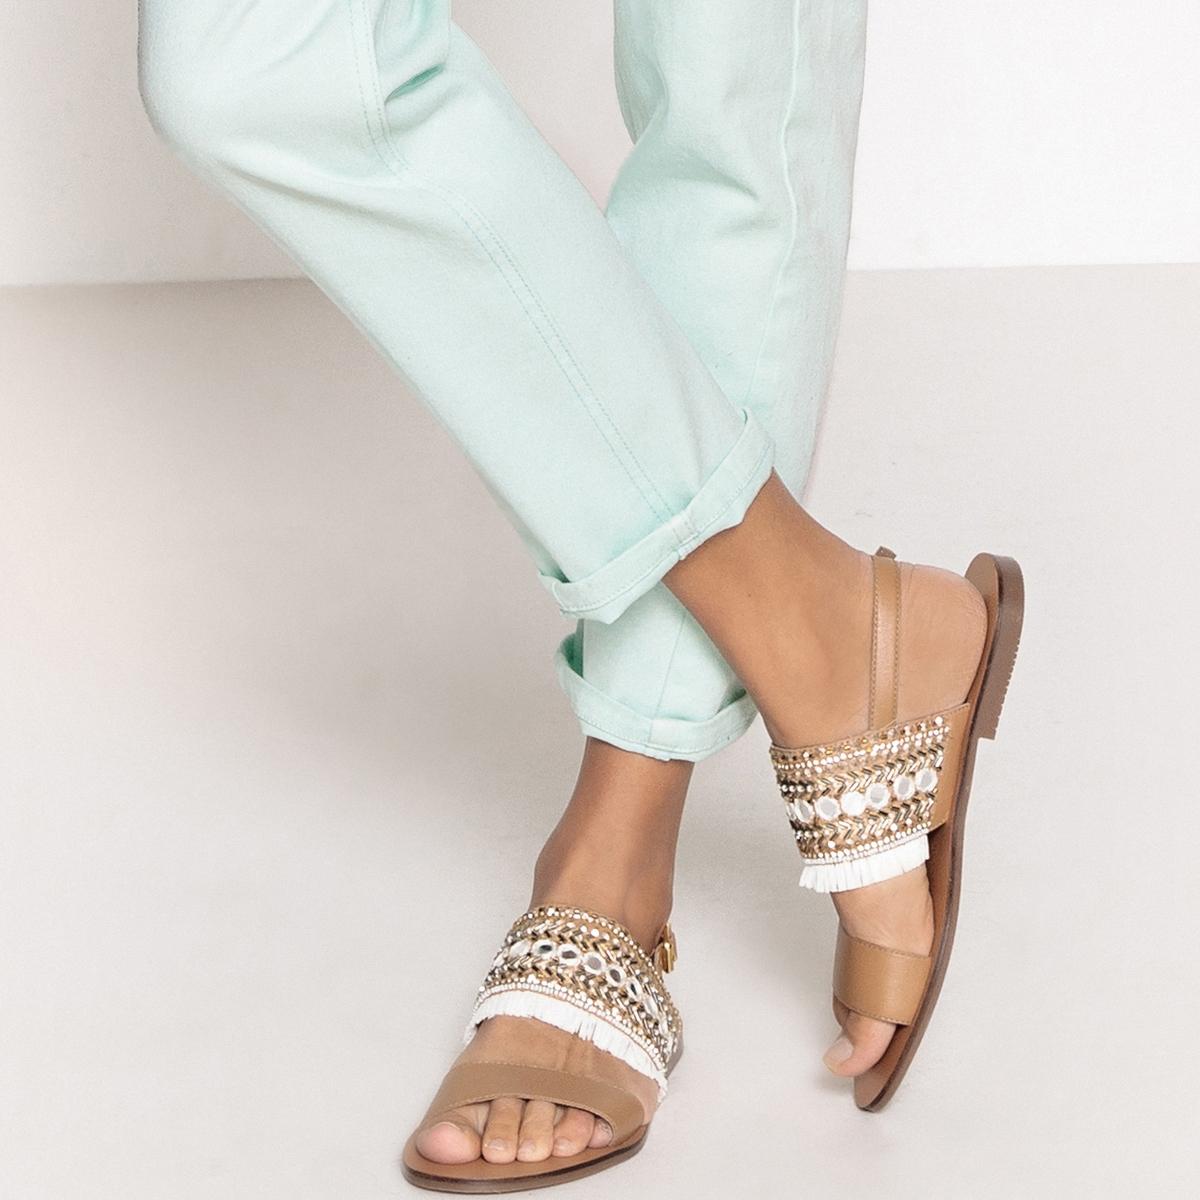 Sandalias de piel, detalle flecos